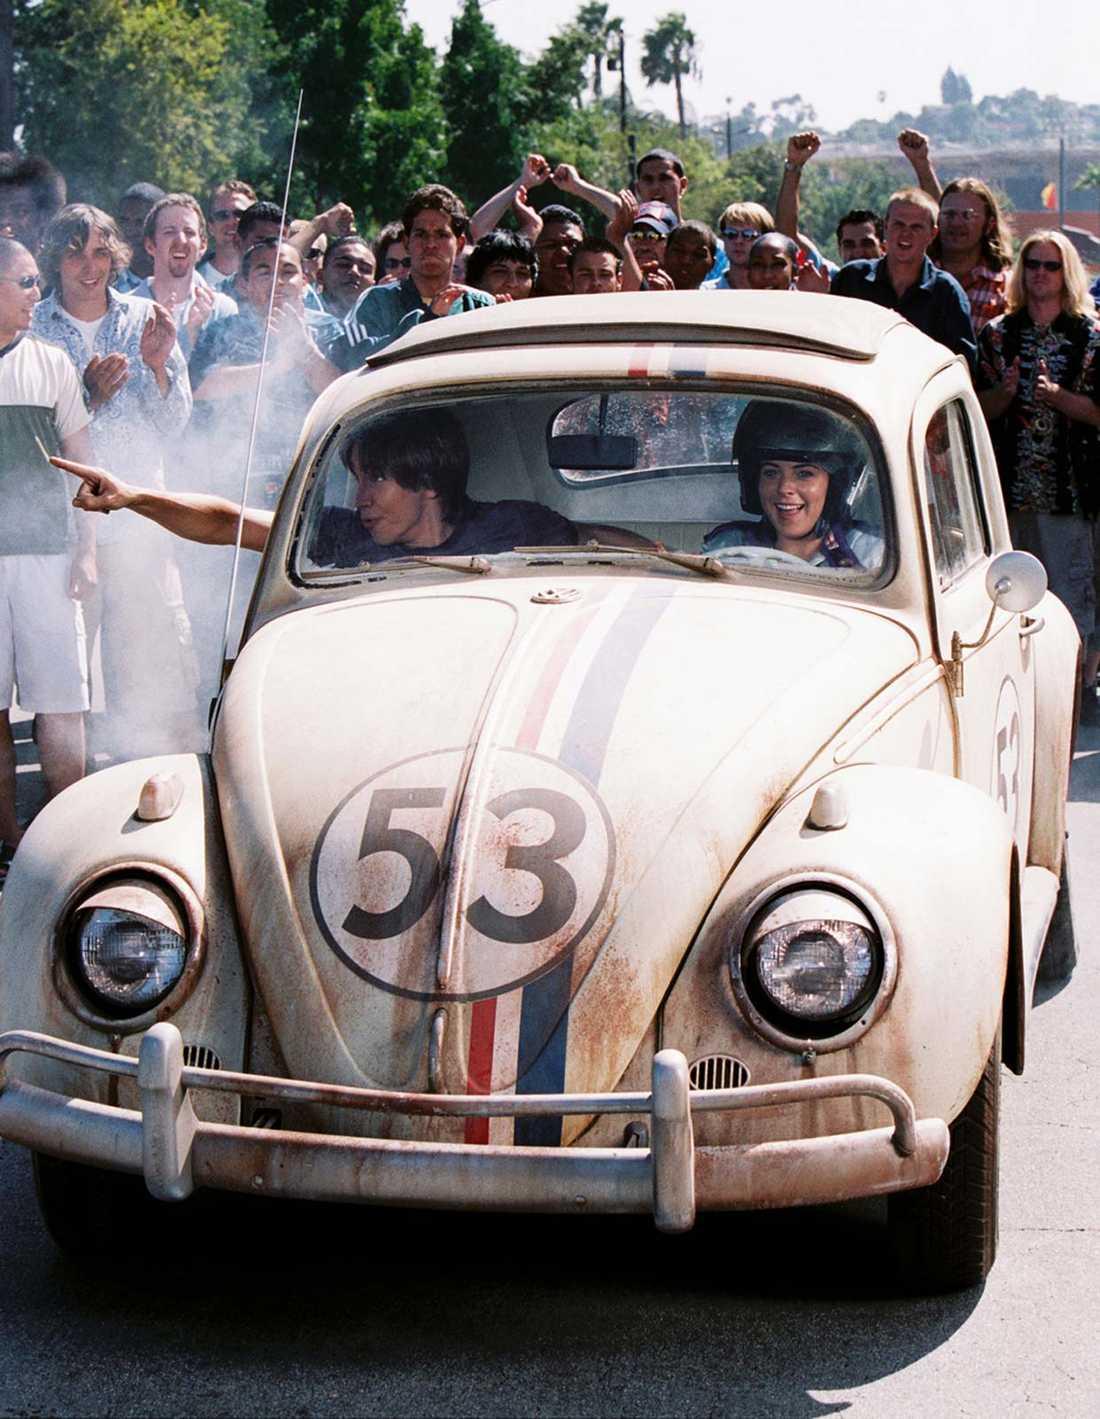 """Världens mest kända """"Bubbla""""? Tävlingsbilen """"Herbie"""" gjorde debut på vita duken redan 1969. Här syns bilen i den senaste filmen från 2005 med Lindsey Lohan i huvudrollen."""